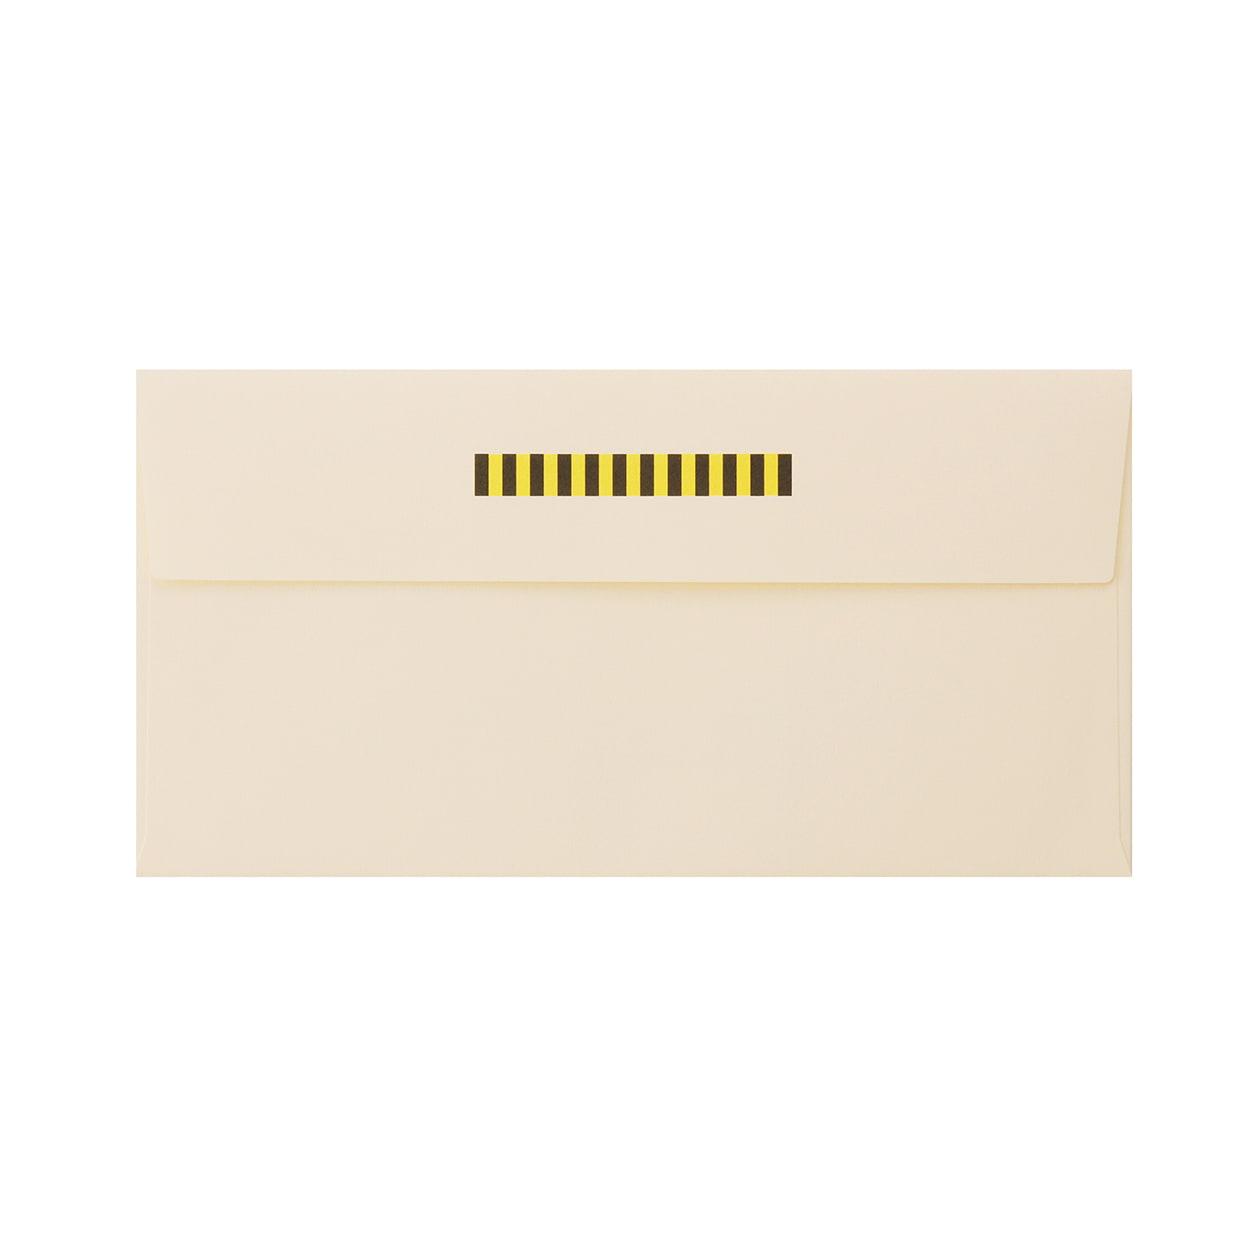 見本 00004 長3カマス封筒 コットン ナチュラル 116.3g